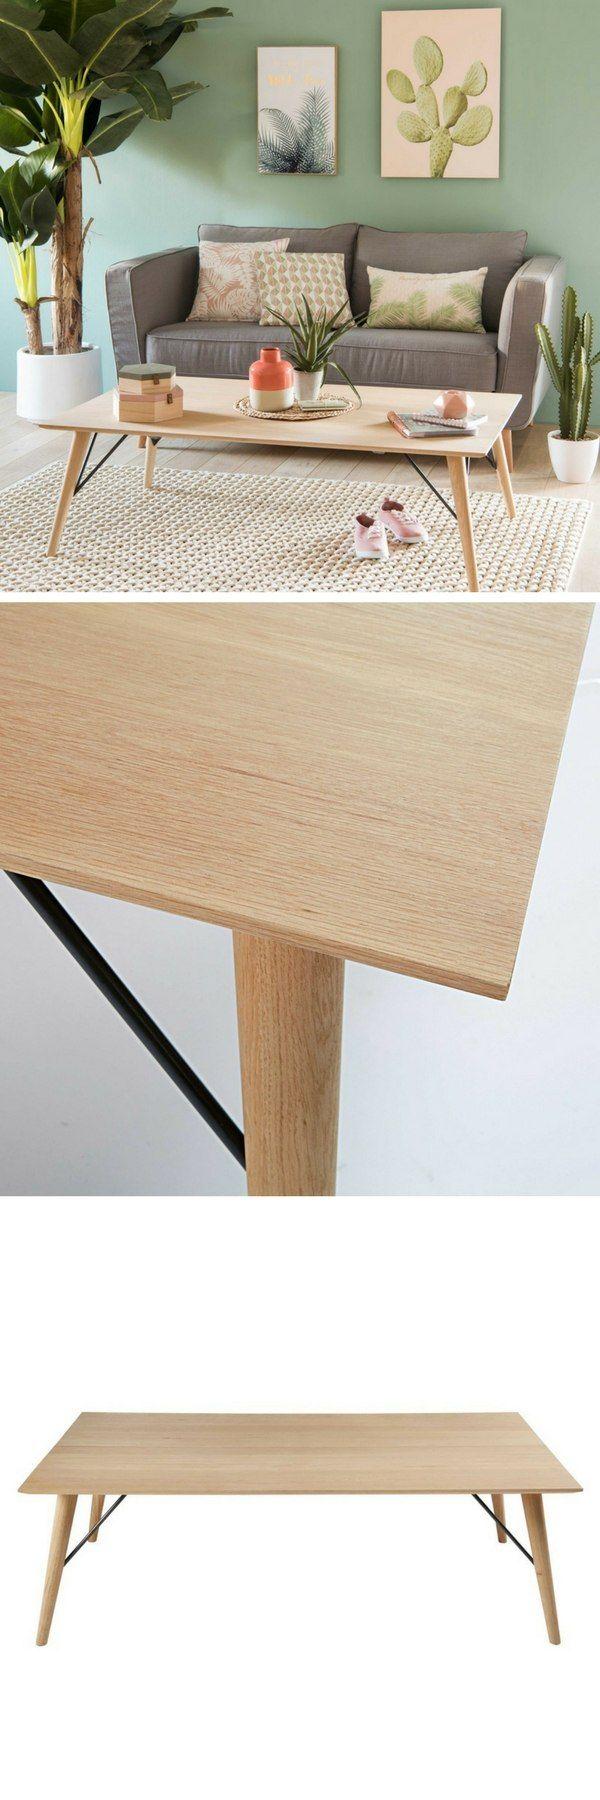 tables basses maison du monde trendy table basse indus en mtal noir edison with tables basses. Black Bedroom Furniture Sets. Home Design Ideas